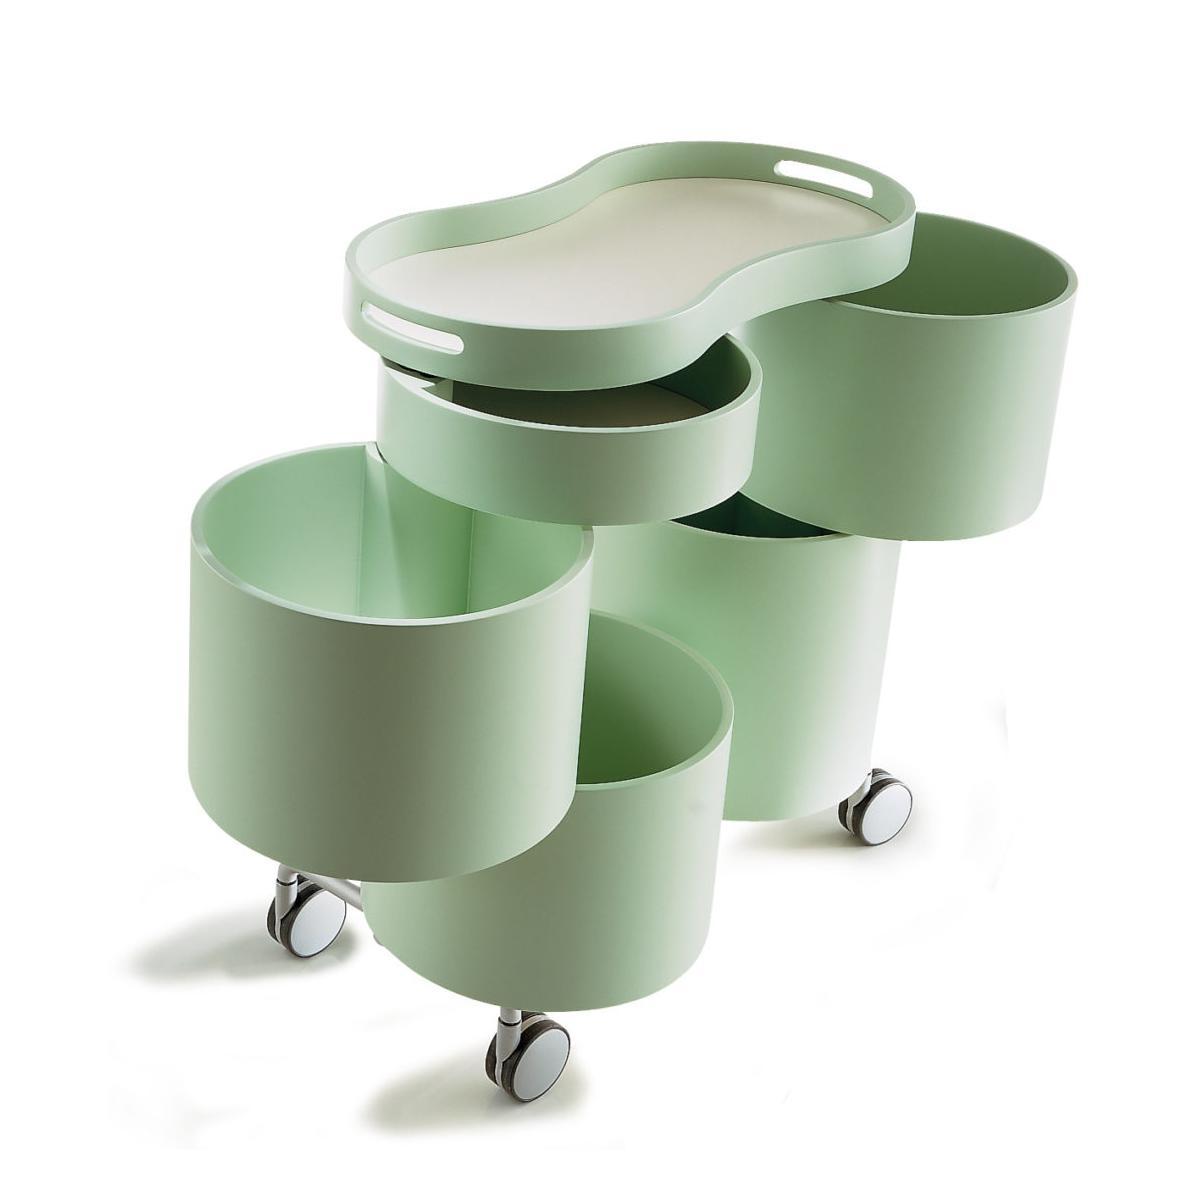 BITTE ROLL Rollcontainer, grün